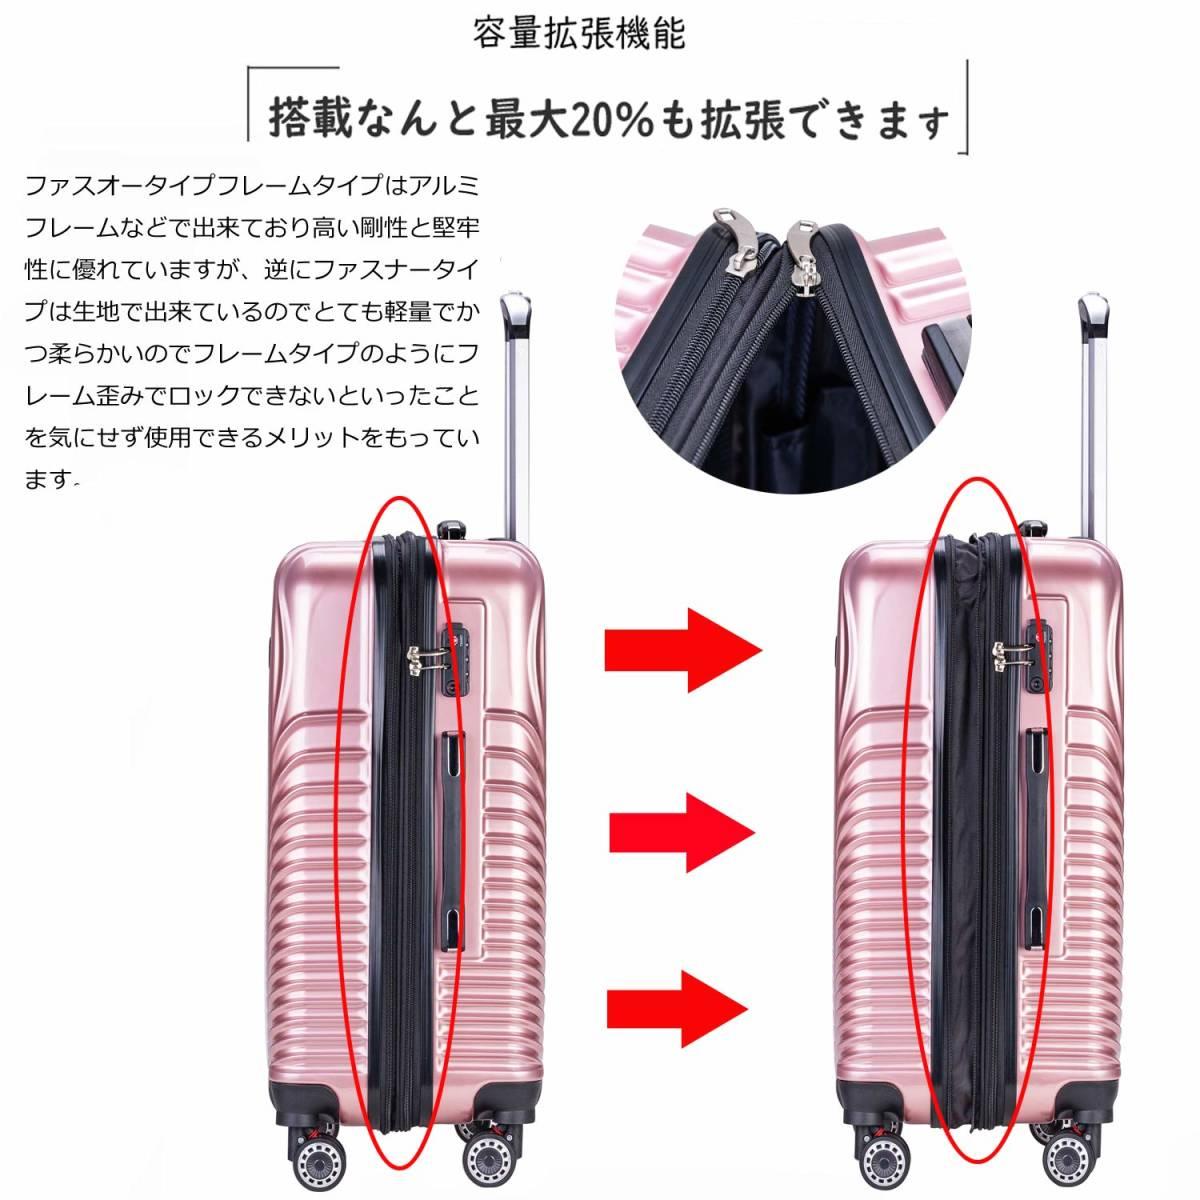 [TTOバリジェリア]TTOvaligeria スーツケース S機内持込 大型軽量 容量拡張 TSAロック搭載 静音 旅行用品 (S ローズゴールド)_画像7